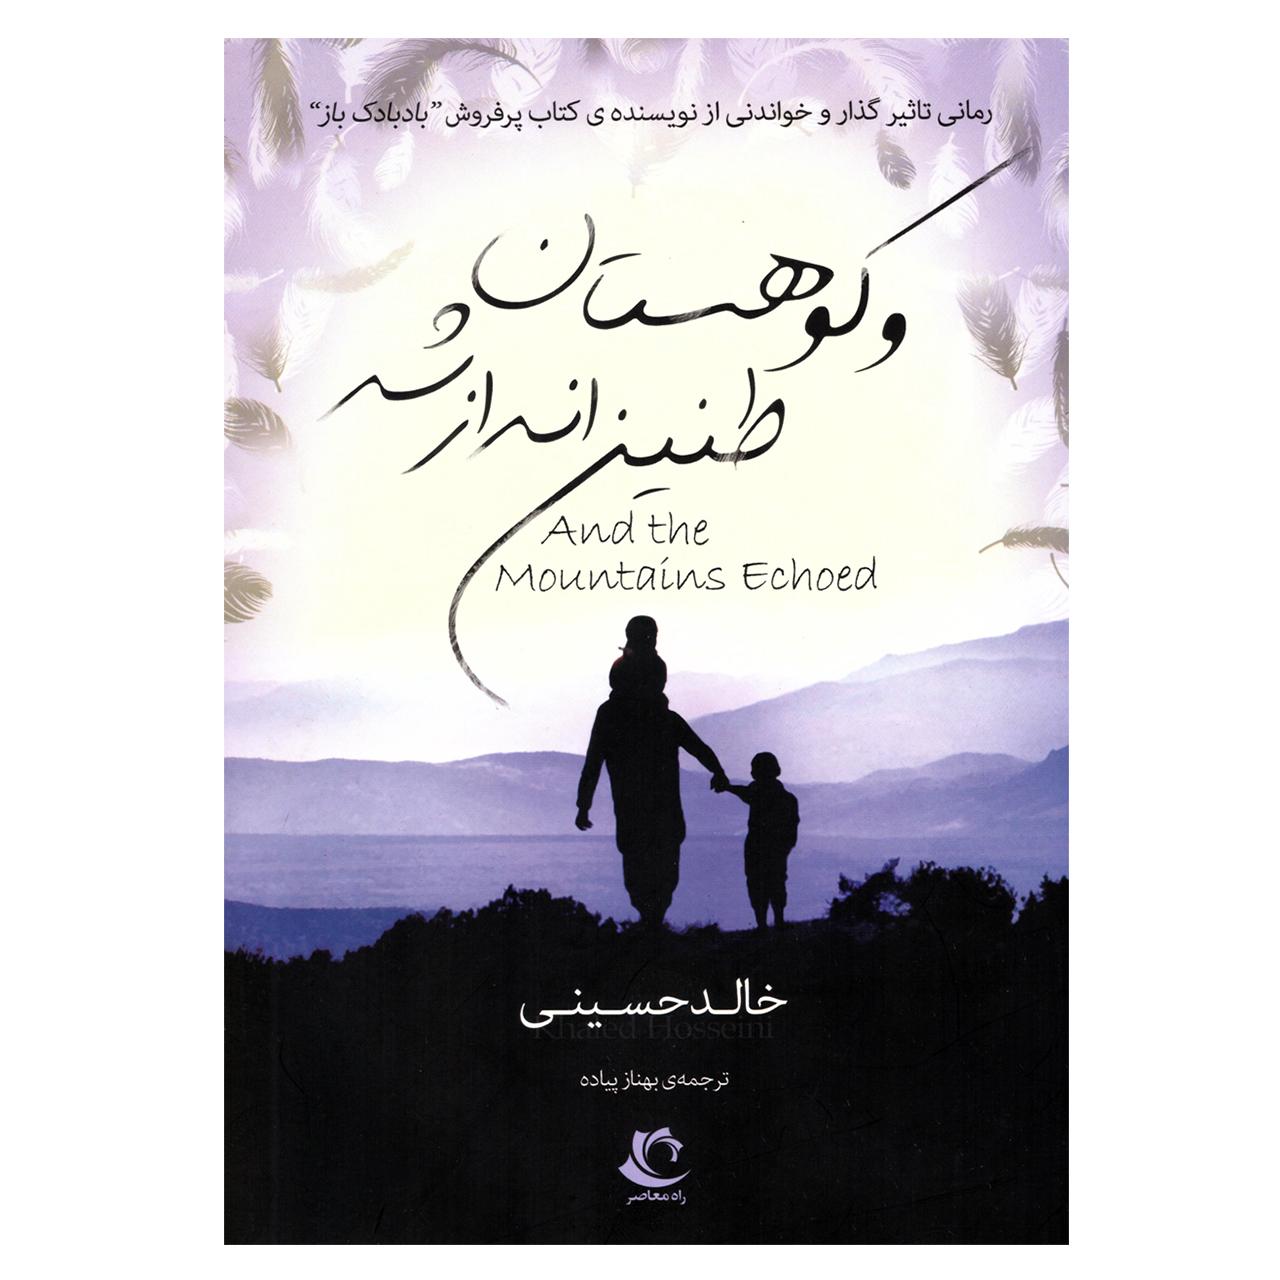 خرید                      کتاب و کوهستان طنین انداز شد اثر خالد حسینی نشر راه معاصر